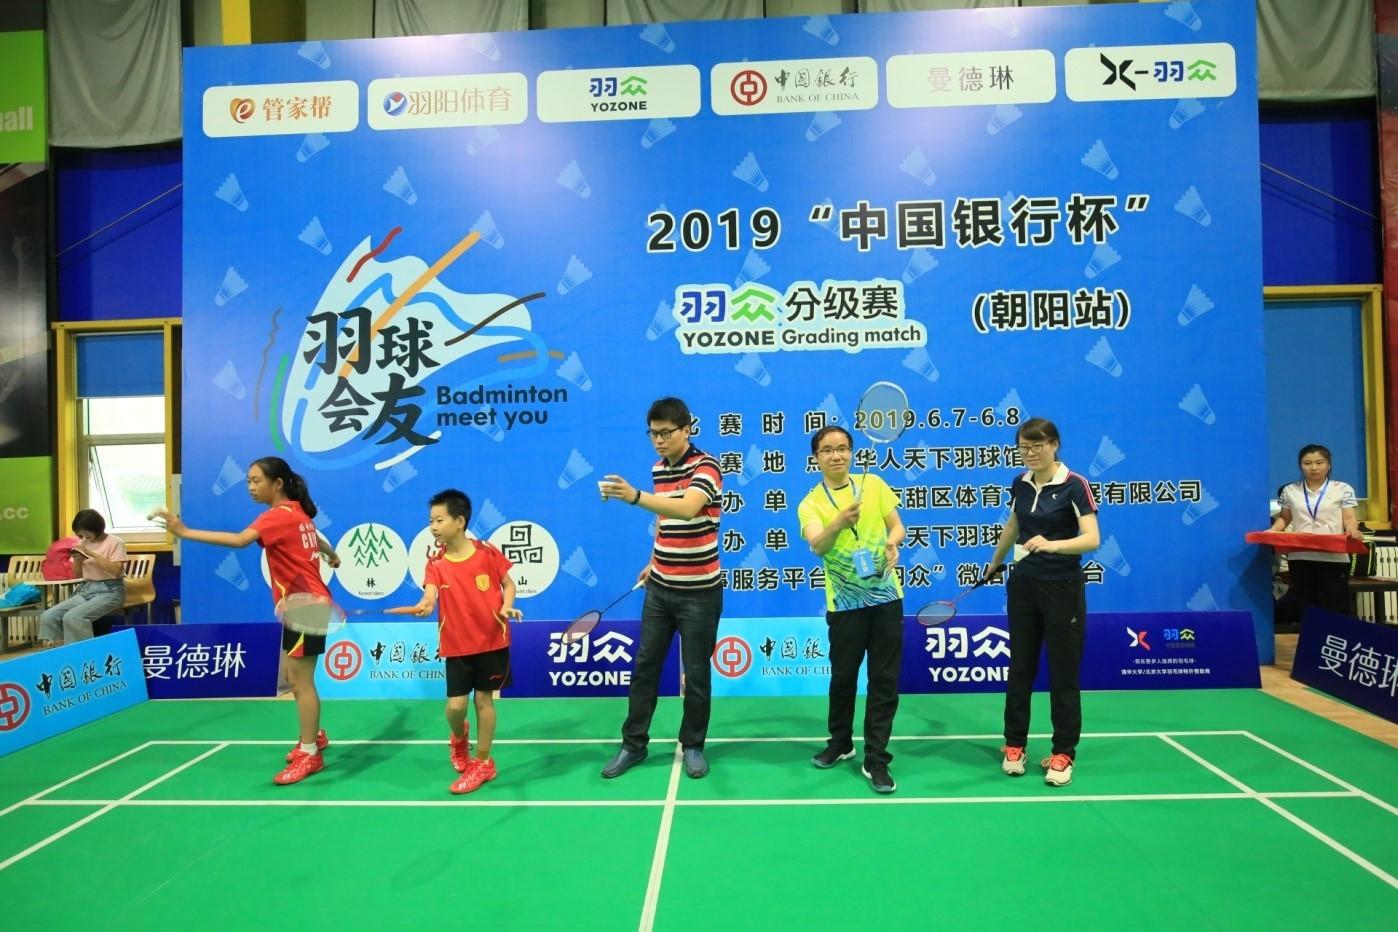 中国银行助力全民健身,羽众分级赛再掀热潮